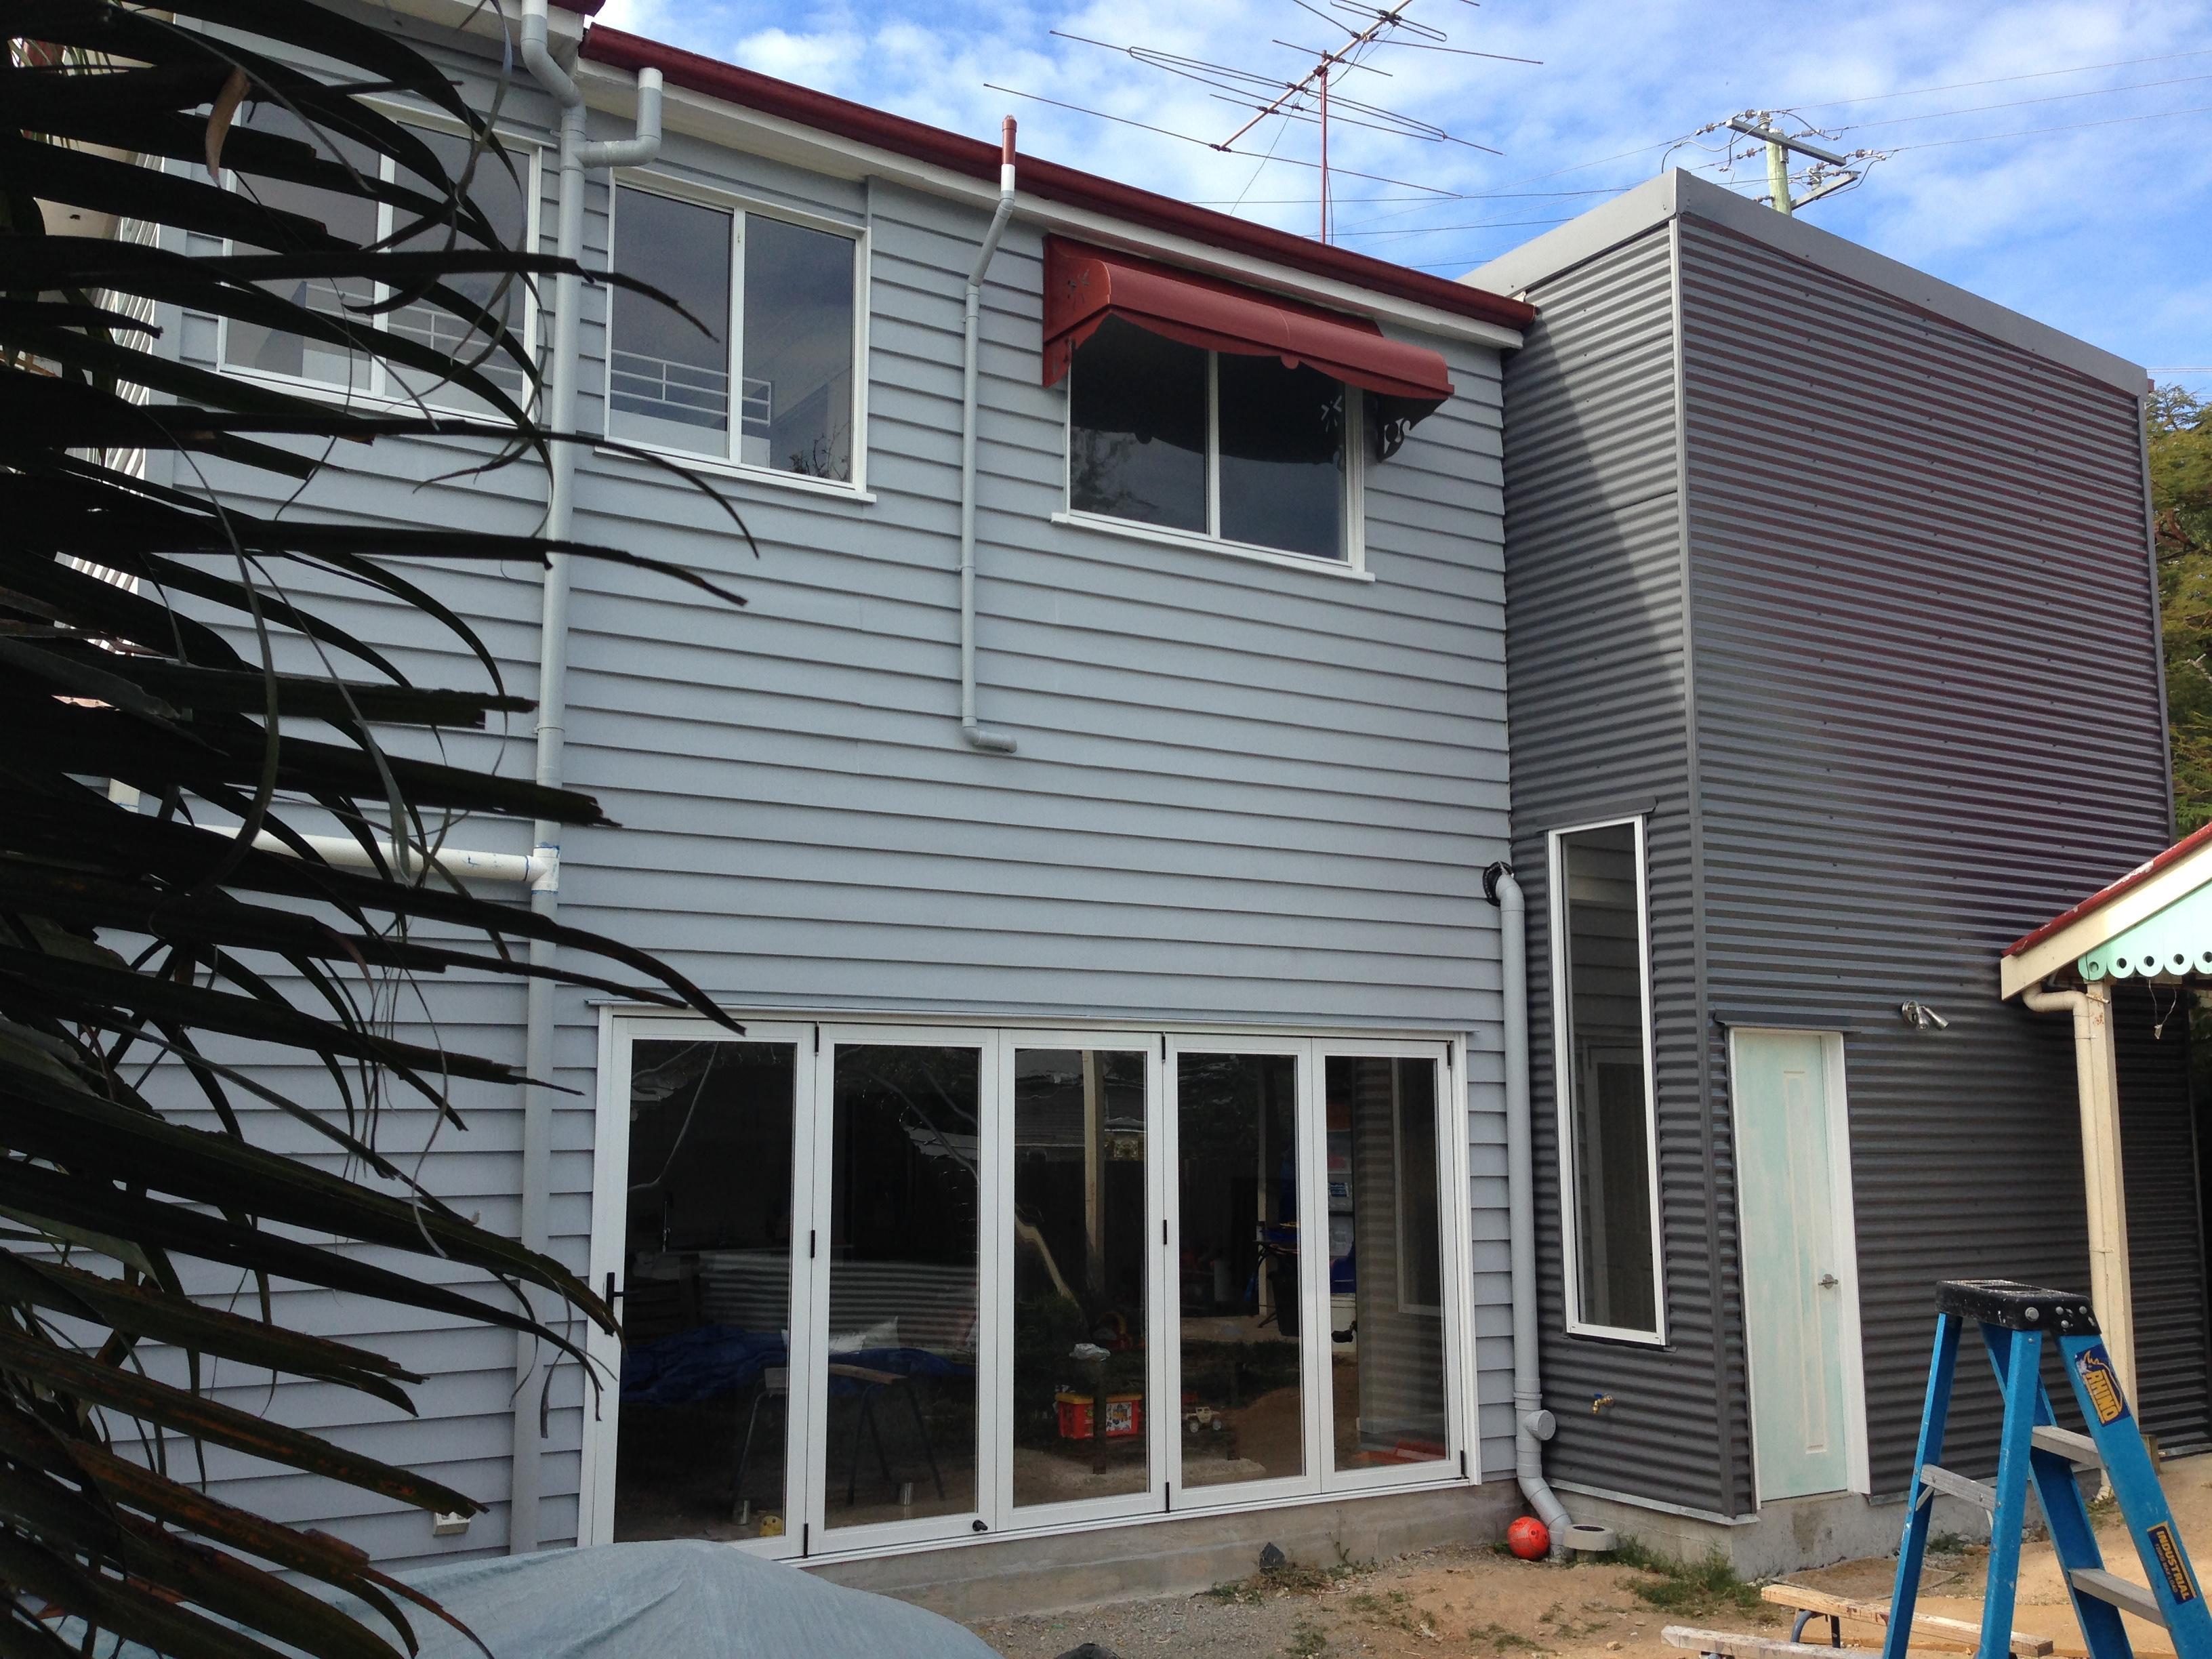 Morningside Queenslander Project - Bishop Construction Services